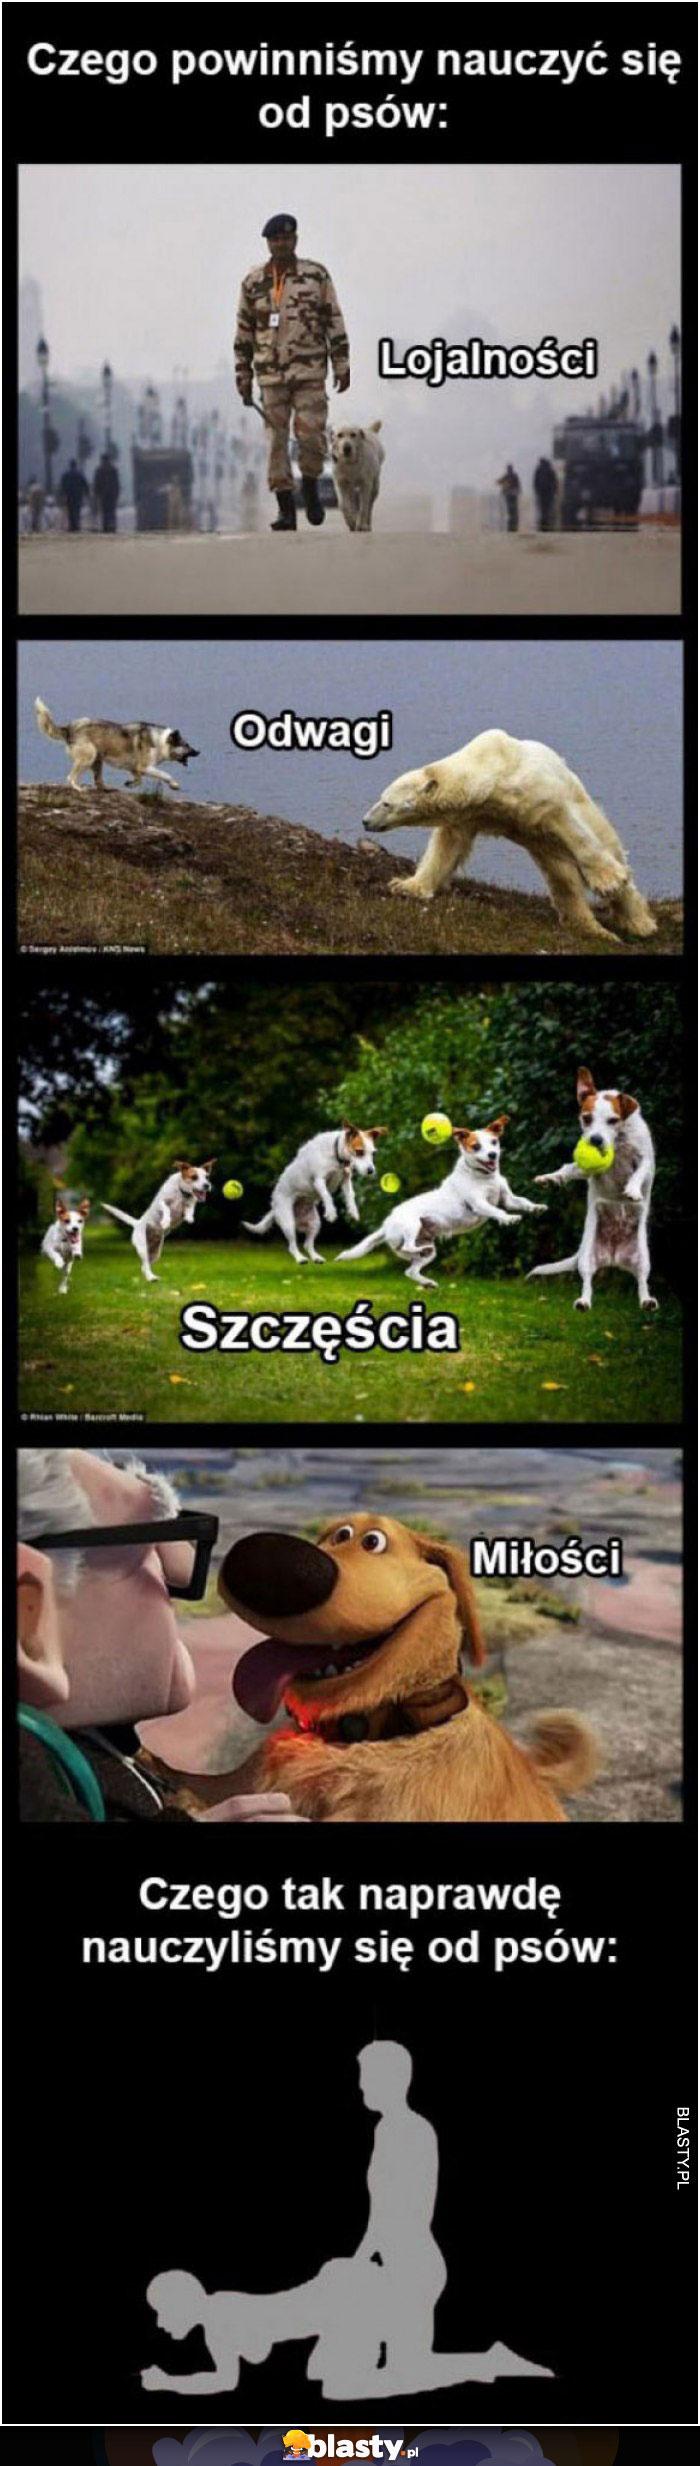 Czego powinniśmy nauczyć się od psów